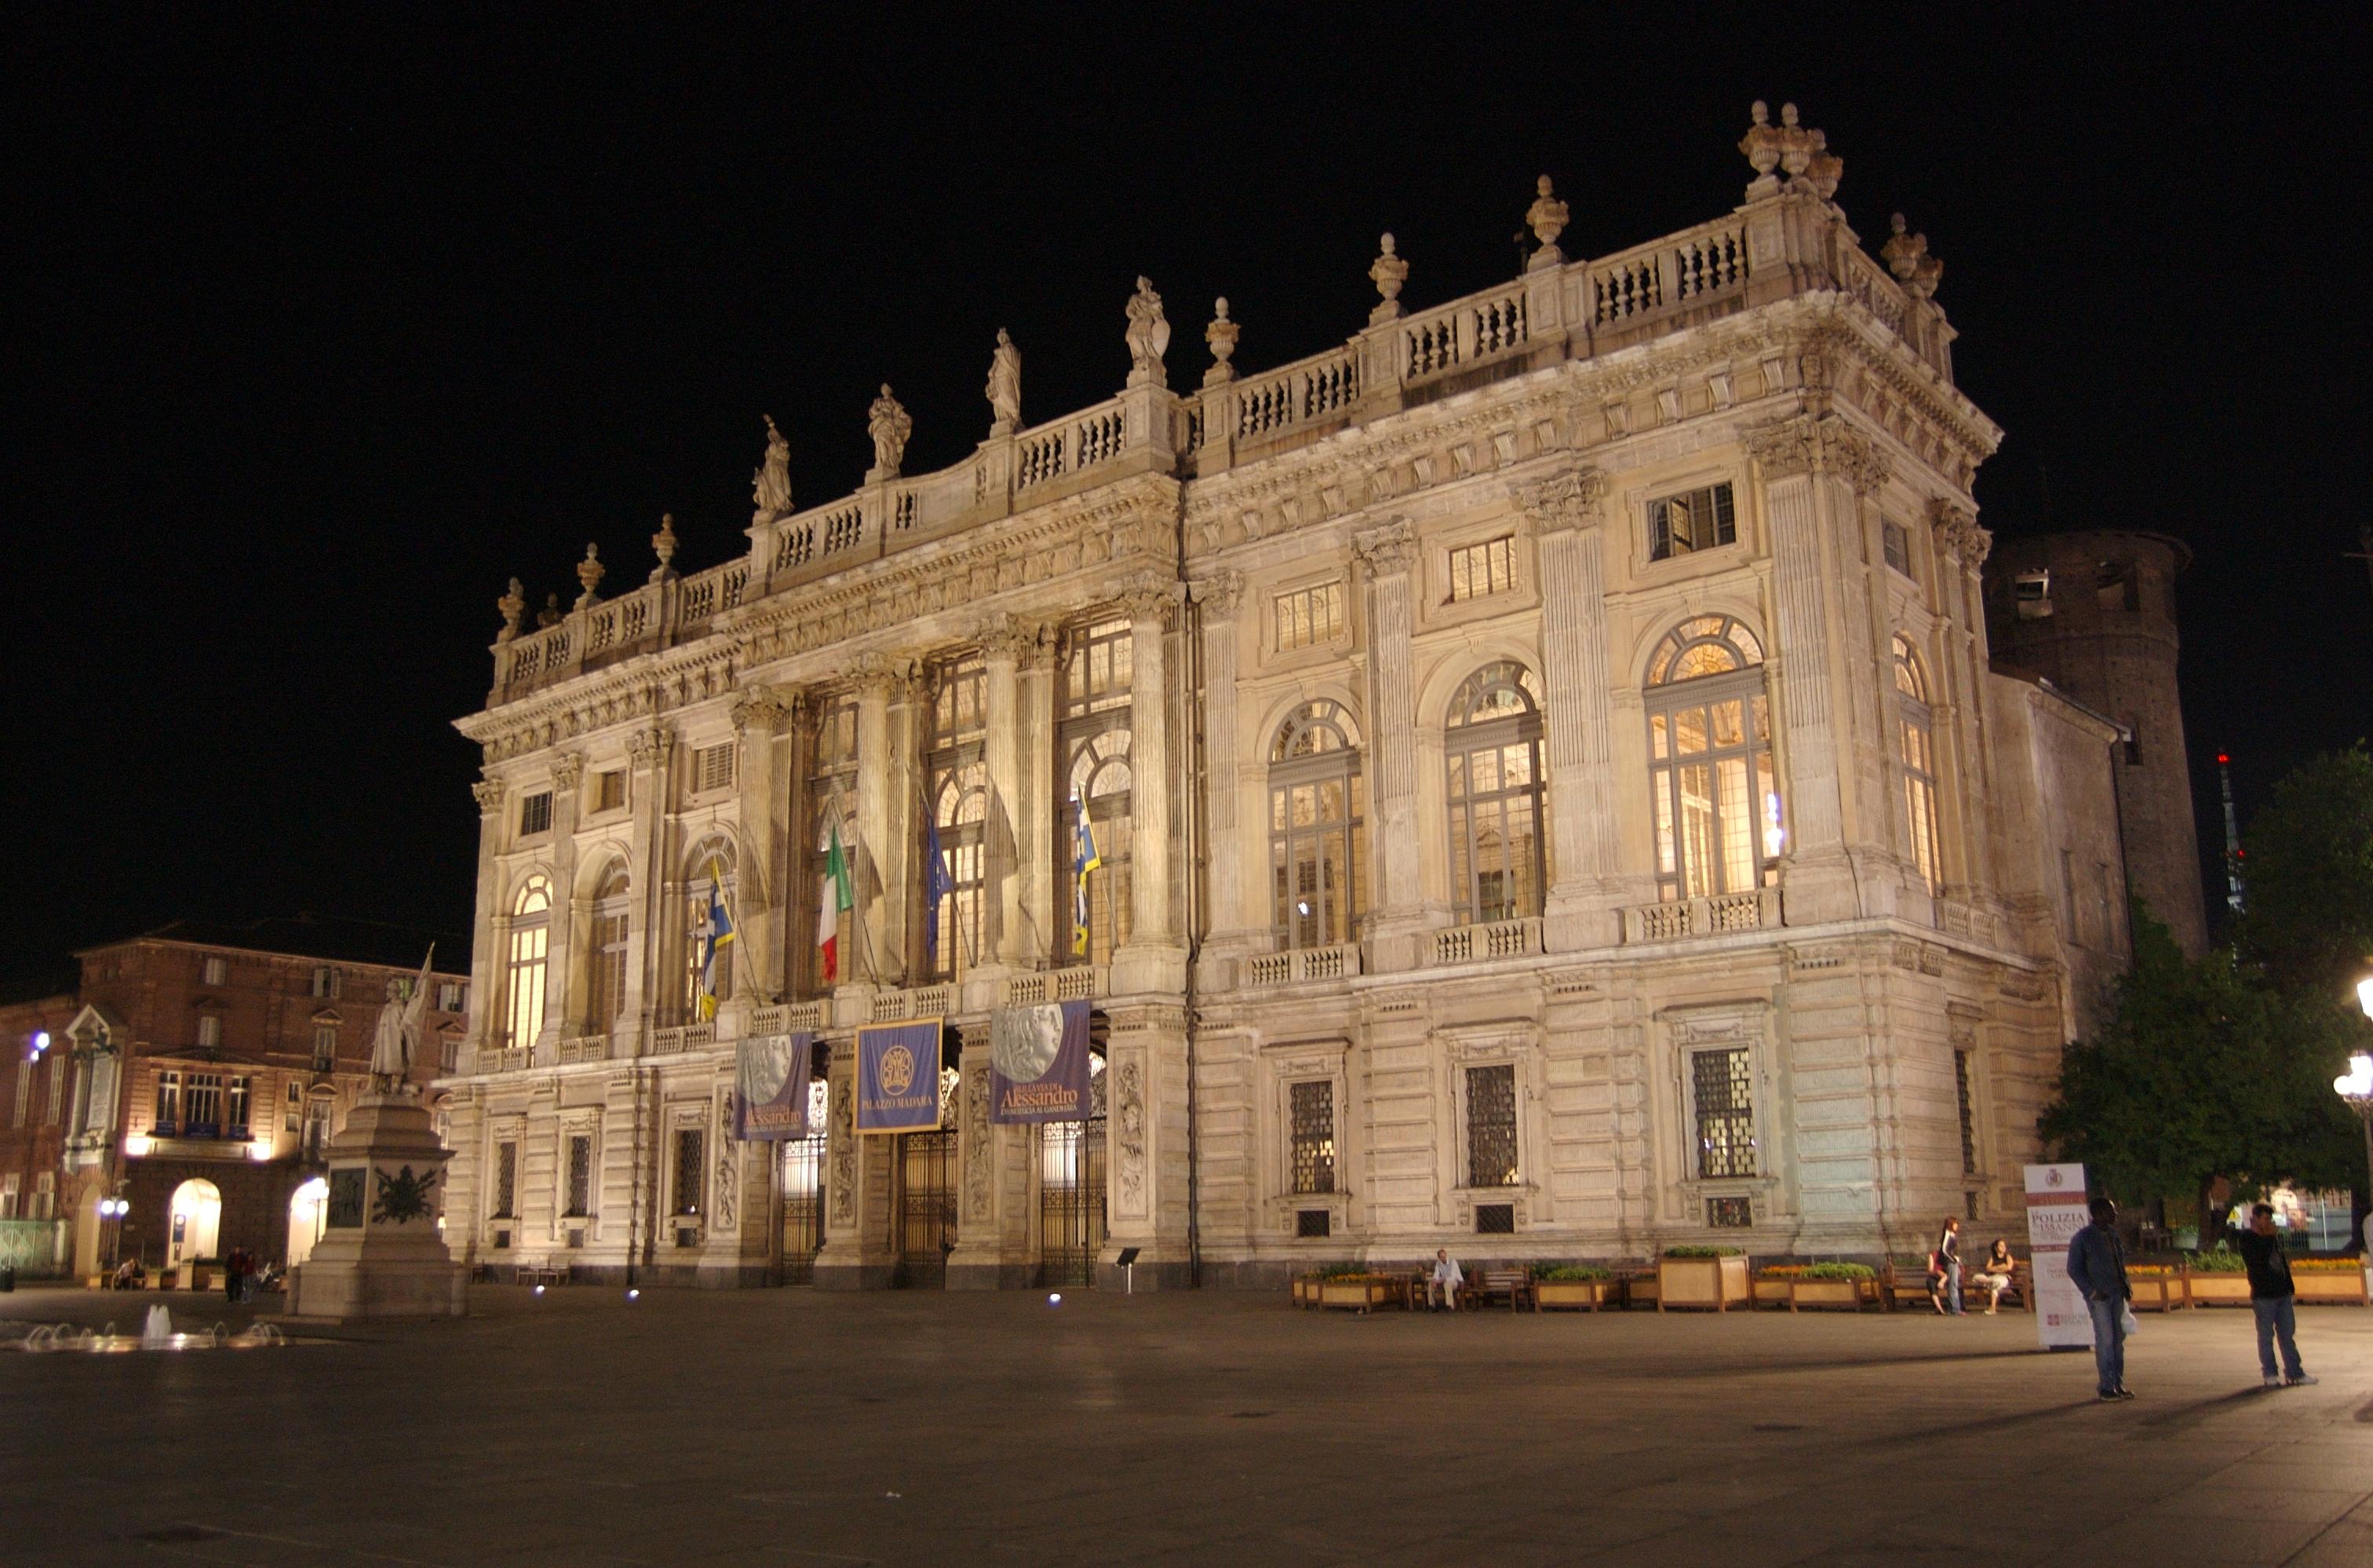 PalazzoMadamaNotte Home